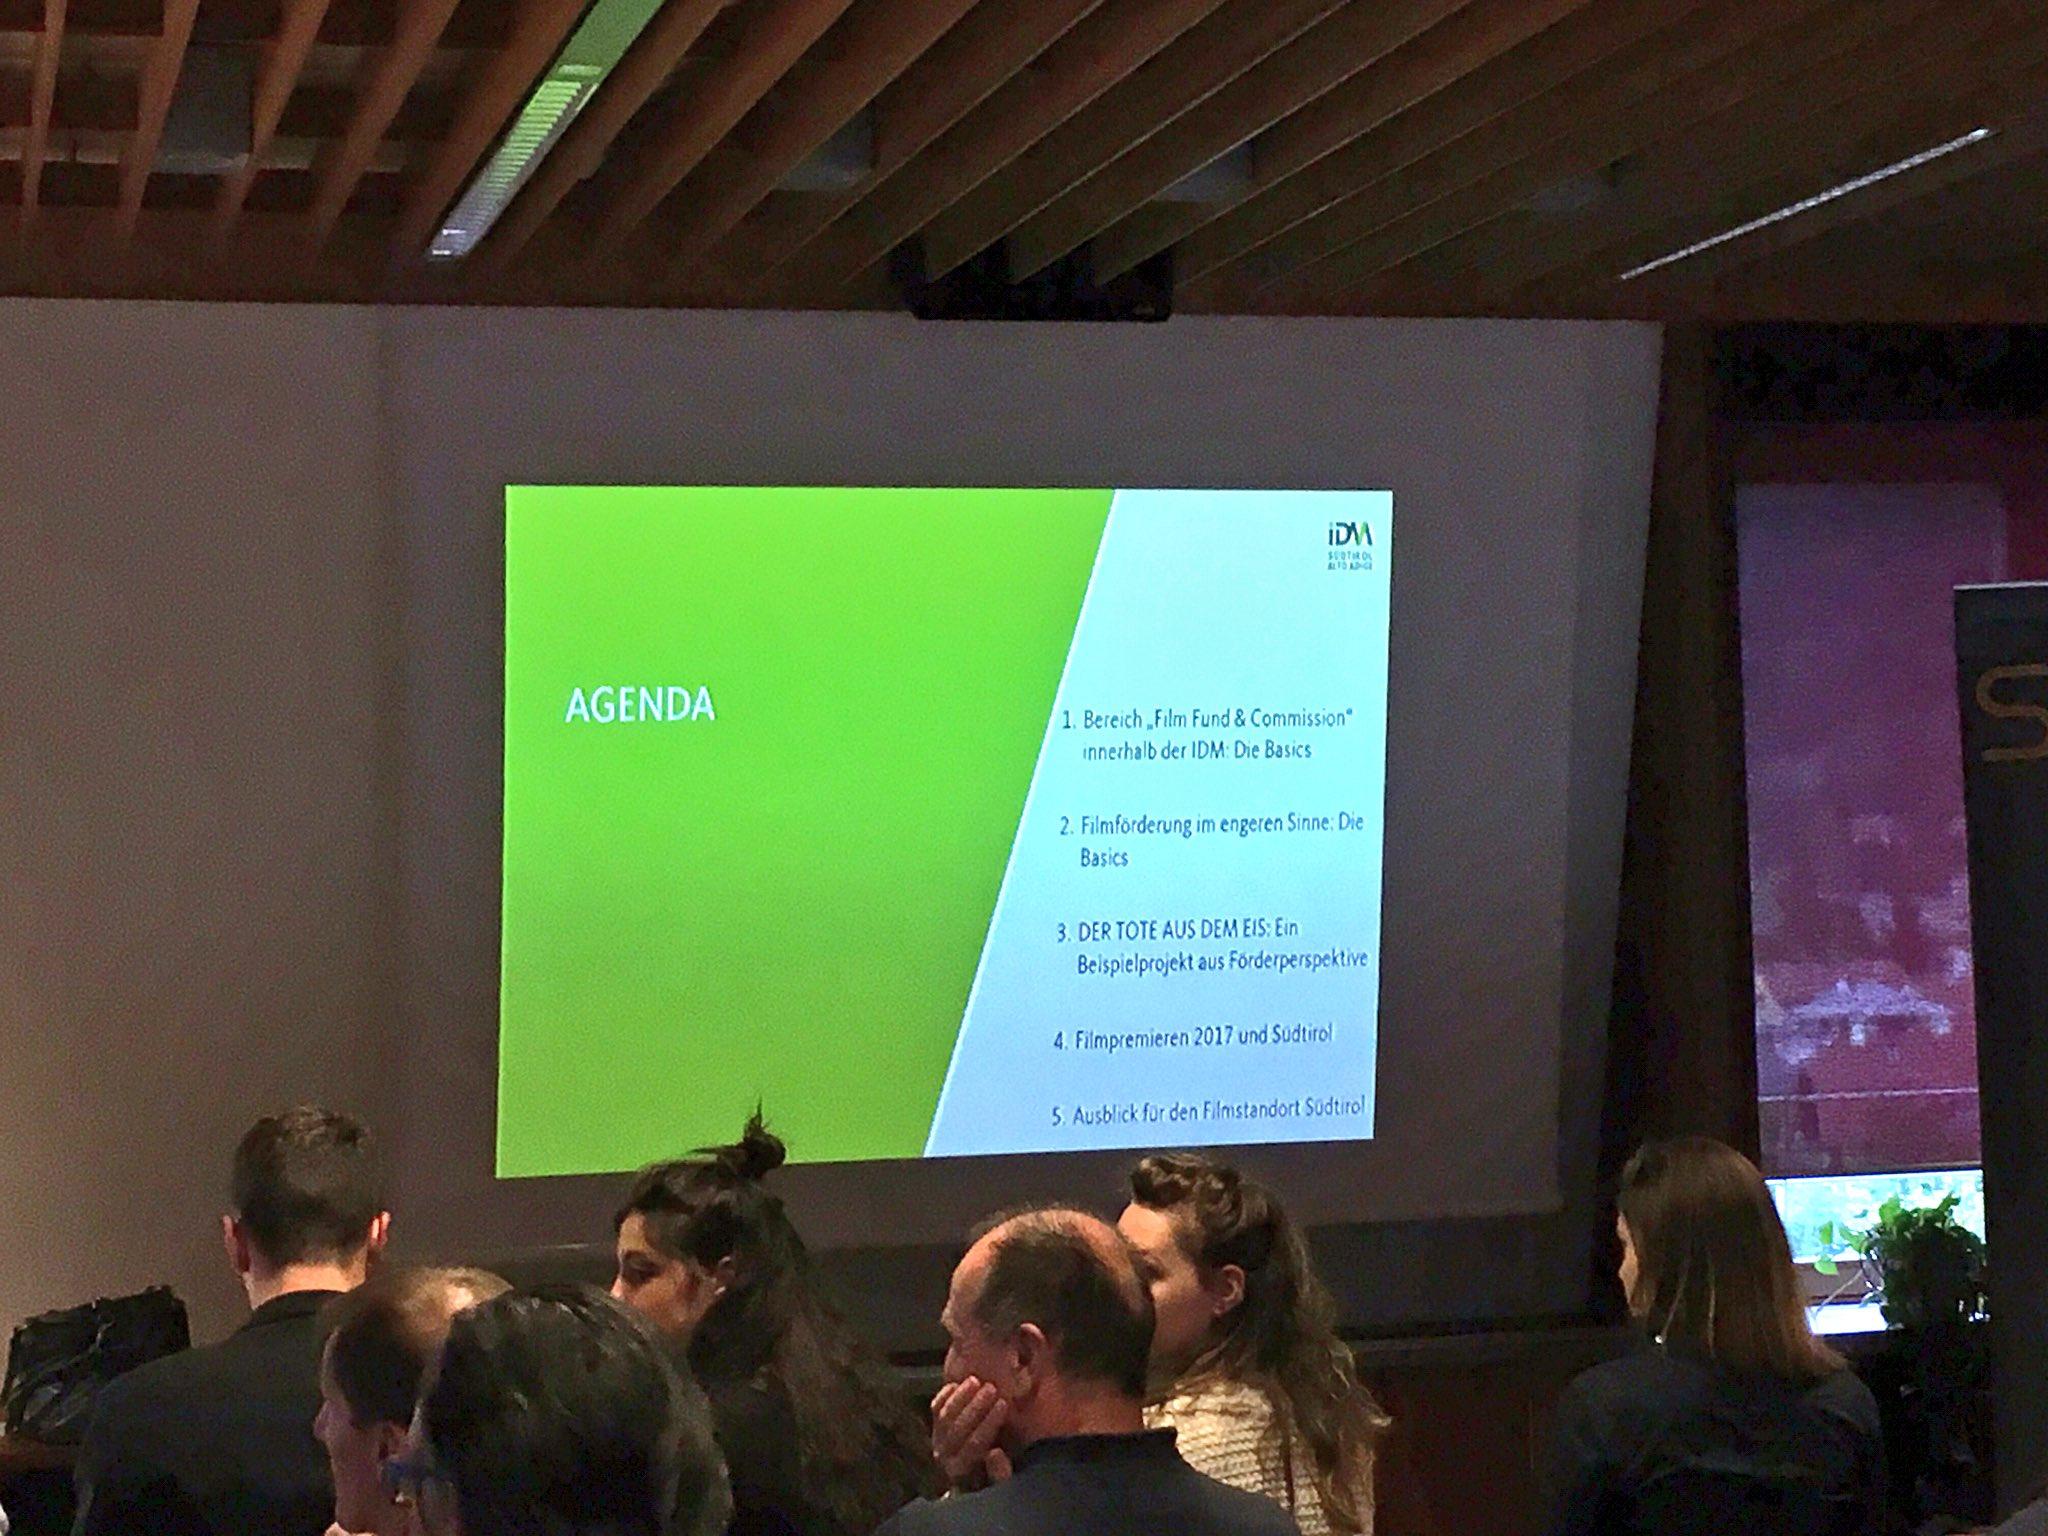 #tmcbz Filmförderung in Südtirol. Agenda von Frau Wertz: https://t.co/PDJND7Fs8k